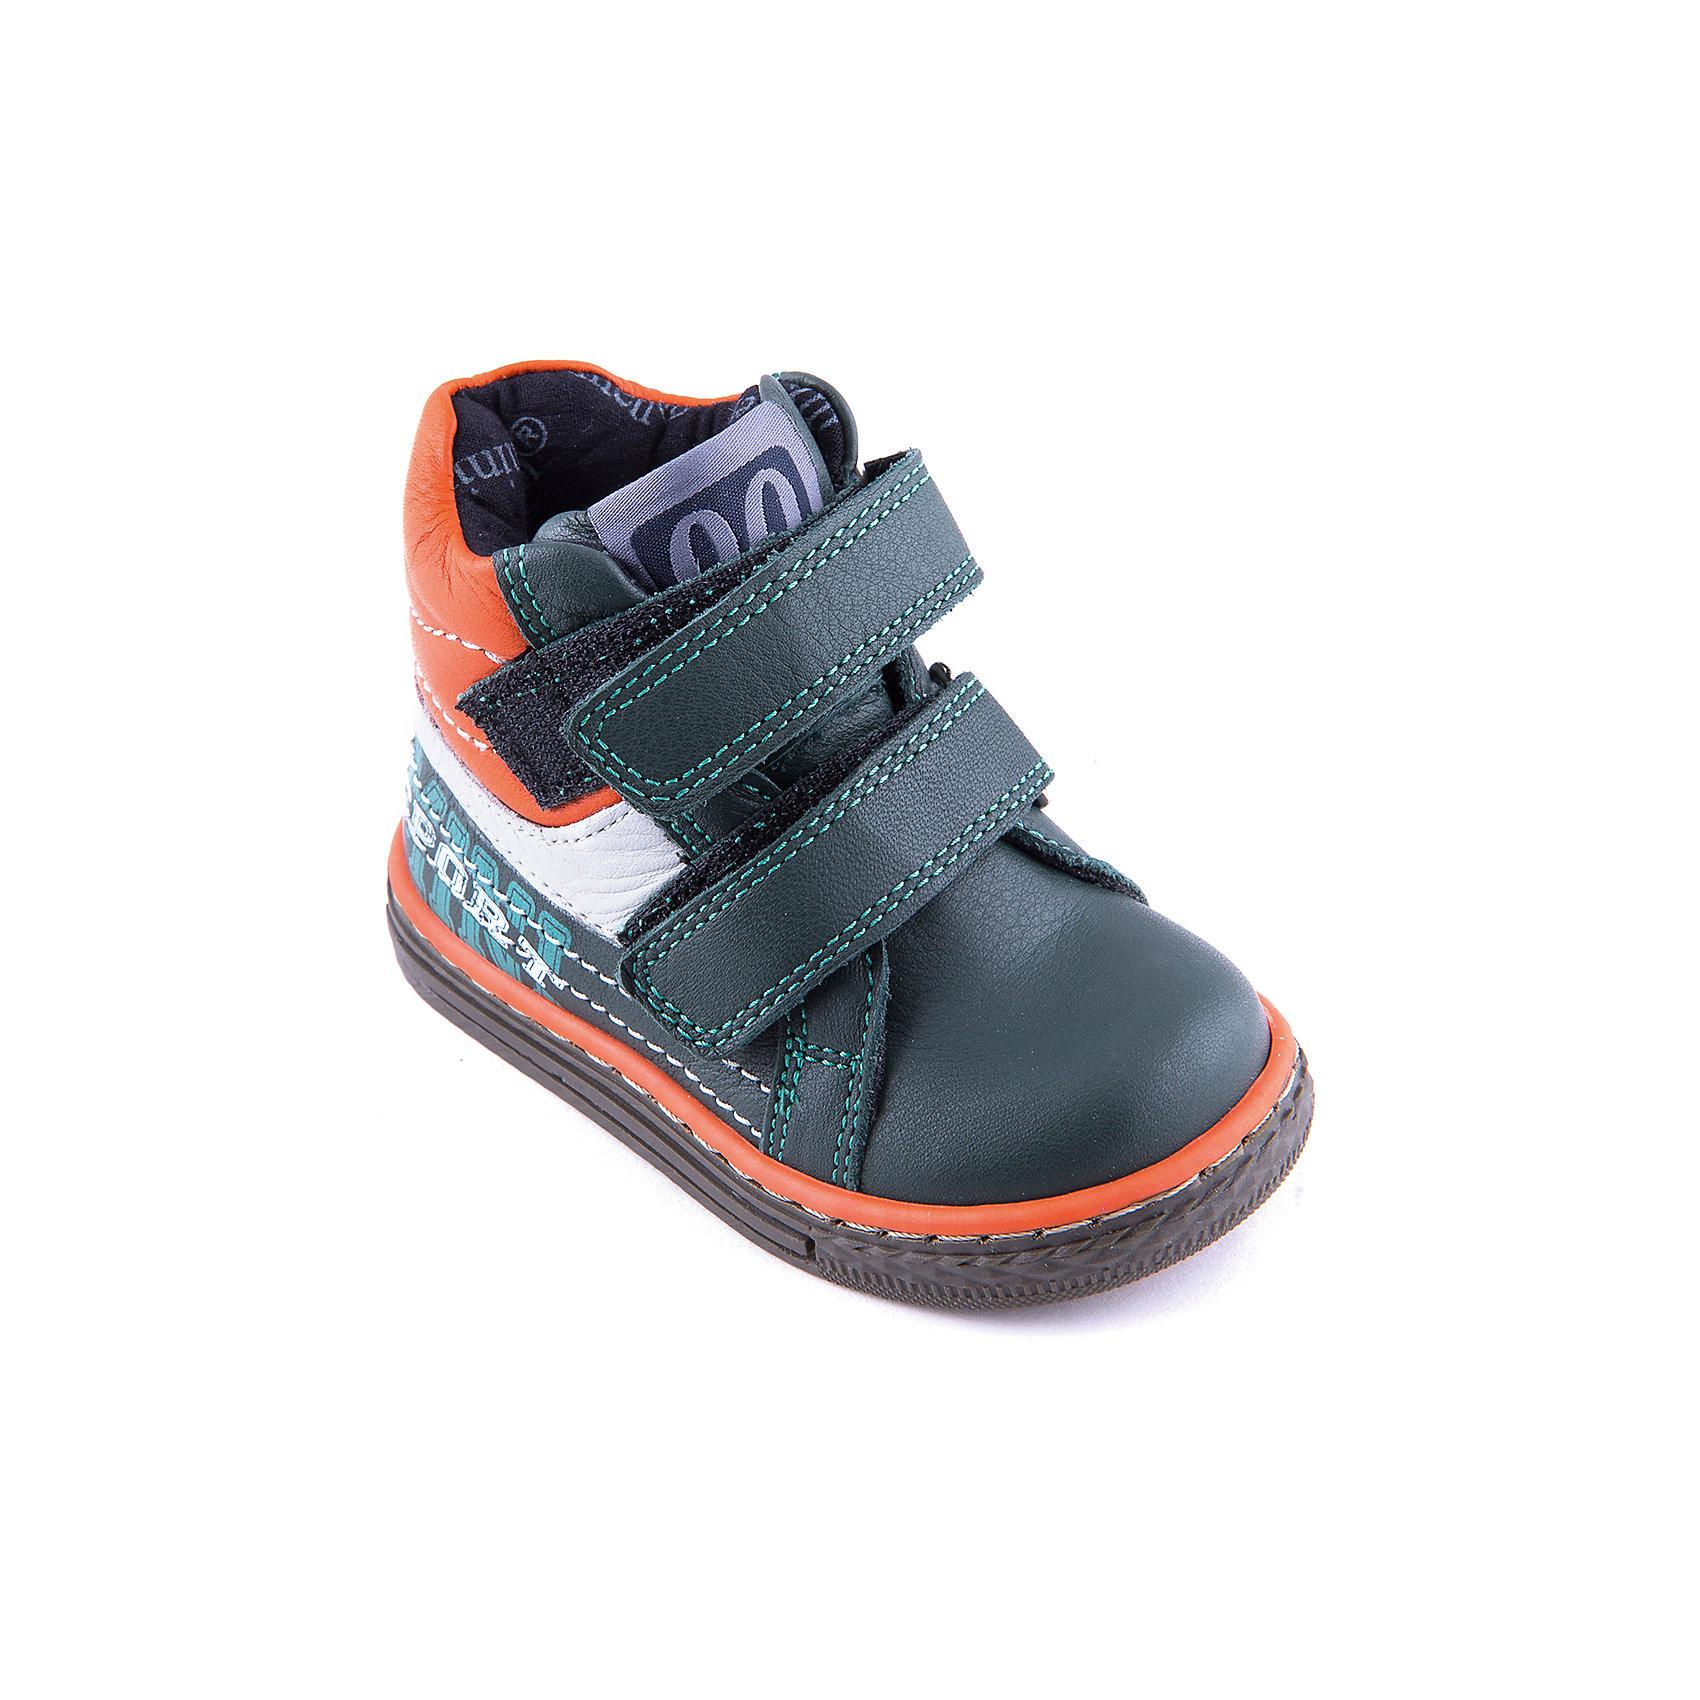 Ботинки для мальчика MinimenМодные кожаные ботинки для мальчика от известного бренда Minimen. Изделие предназначено для использования в сухую погоду при температуре воздуха выше +10 градусов и обладает следующими особенностями:<br>- комбинированный цвет, эффектный дизайн;<br>- 2 ремешка с велкро;<br>- усиленный противоударный мыс;<br>- укрепленный задник надежно фиксирует пятку;<br>- мягкий верхний задник защищает от скольжения стопы;<br>- дышащая подкладка из натурального хлопка;<br>- анатомическая стелька с супинатором заботливо поддерживает стопу;<br>- легкая нескользящая подошва.<br>Отличная обувь для любимых ножек!<br><br>Дополнительная информация:<br>- Температурный режим: выше +10 градусов<br>- Состав: <br>Материал верха: натуральная кожа 100%; <br>Материал подкладки: текстиль хлопок 100%; <br>Материал подошвы: термопластик 100%<br><br>Ботинки для мальчика Minimen (Минимен) можно купить в нашем магазине<br><br>Ширина мм: 262<br>Глубина мм: 176<br>Высота мм: 97<br>Вес г: 427<br>Цвет: зеленый<br>Возраст от месяцев: 9<br>Возраст до месяцев: 12<br>Пол: Мужской<br>Возраст: Детский<br>Размер: 20,21,24,23,22<br>SKU: 4008635